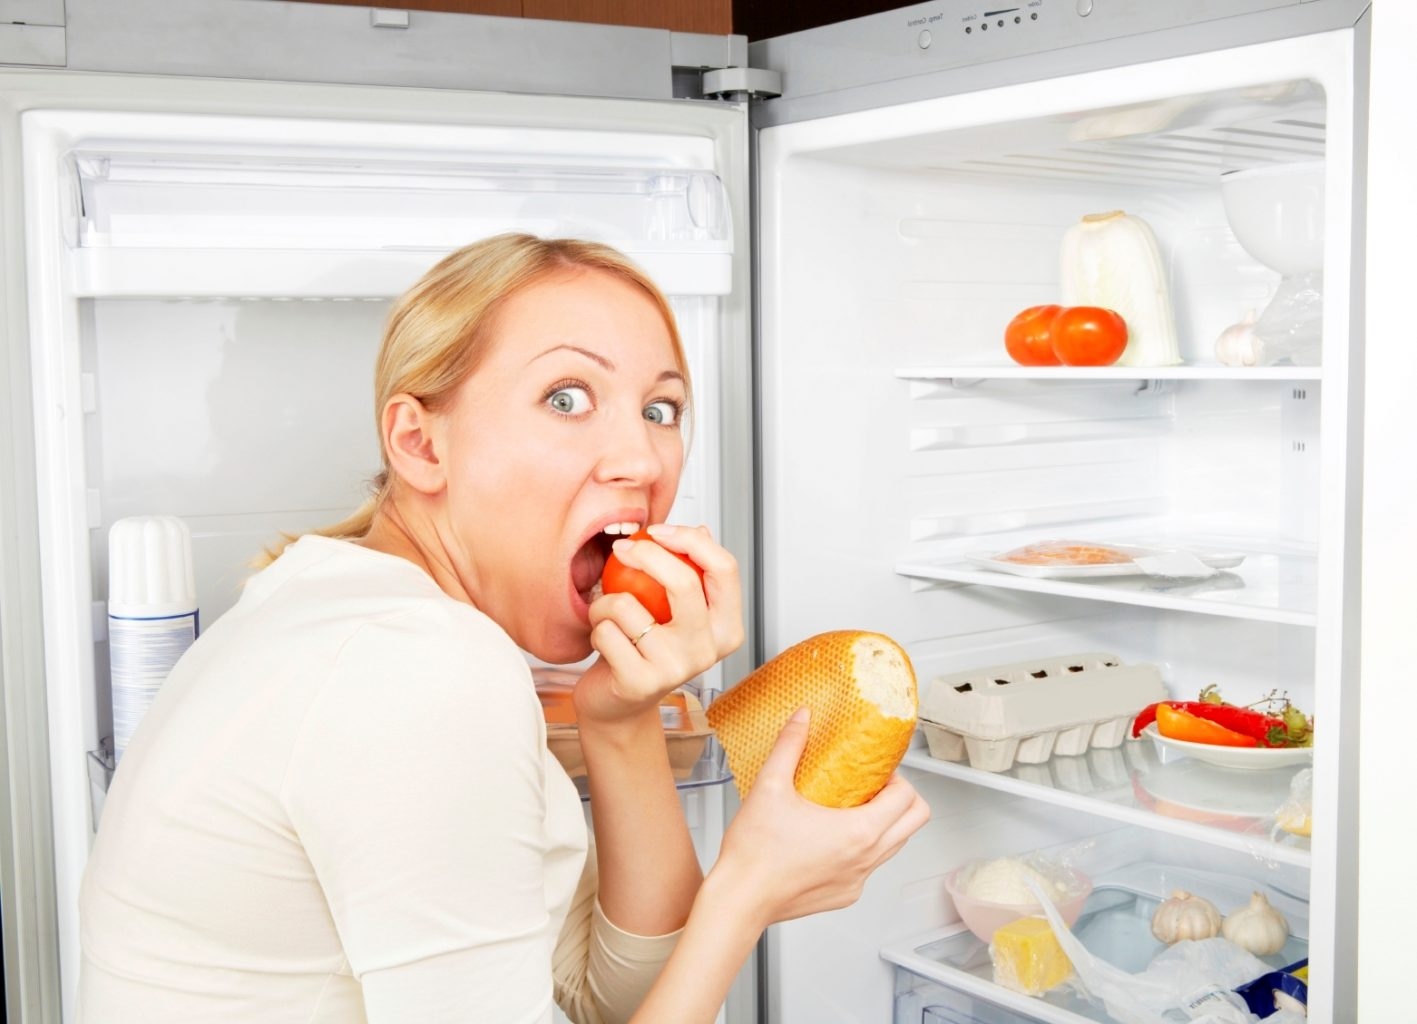 Как перестать жрать и начать худеть: советы по борьбе с обжорством - tony.ru